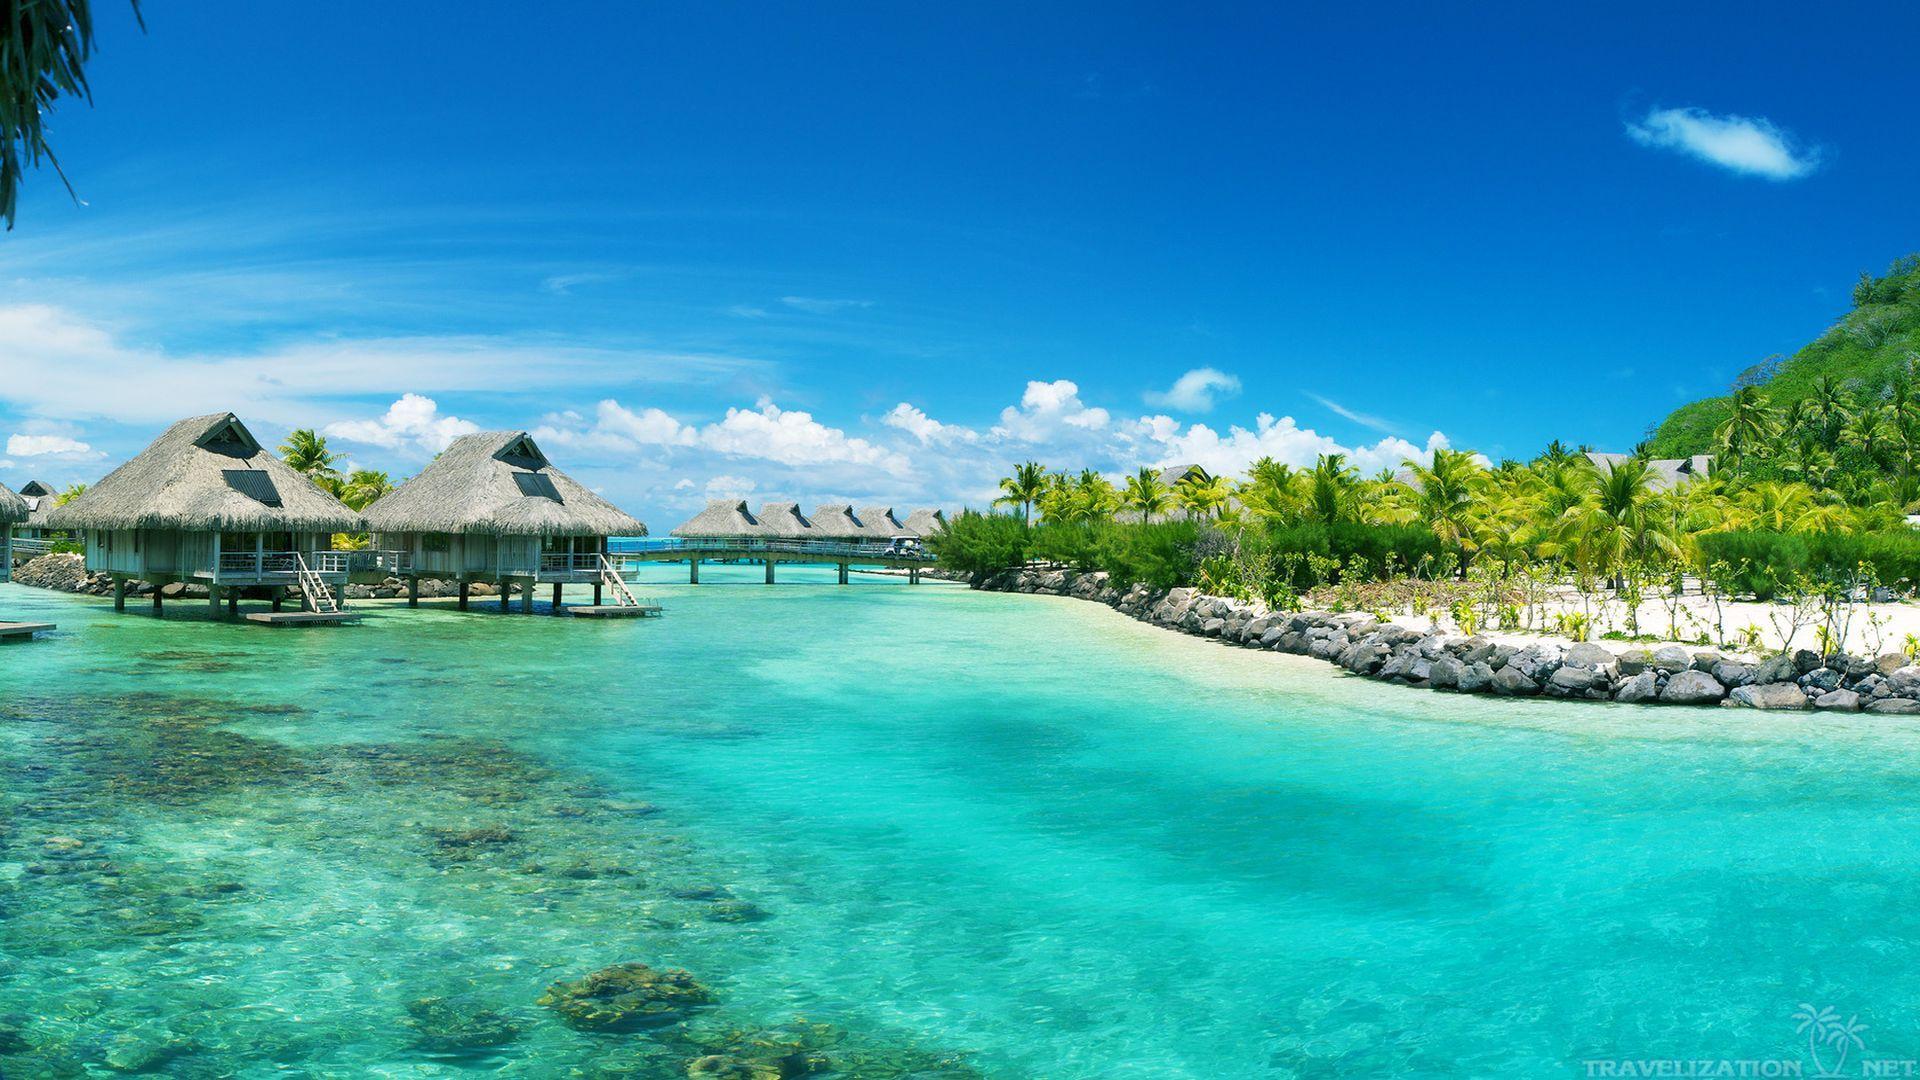 Bora Bora free image